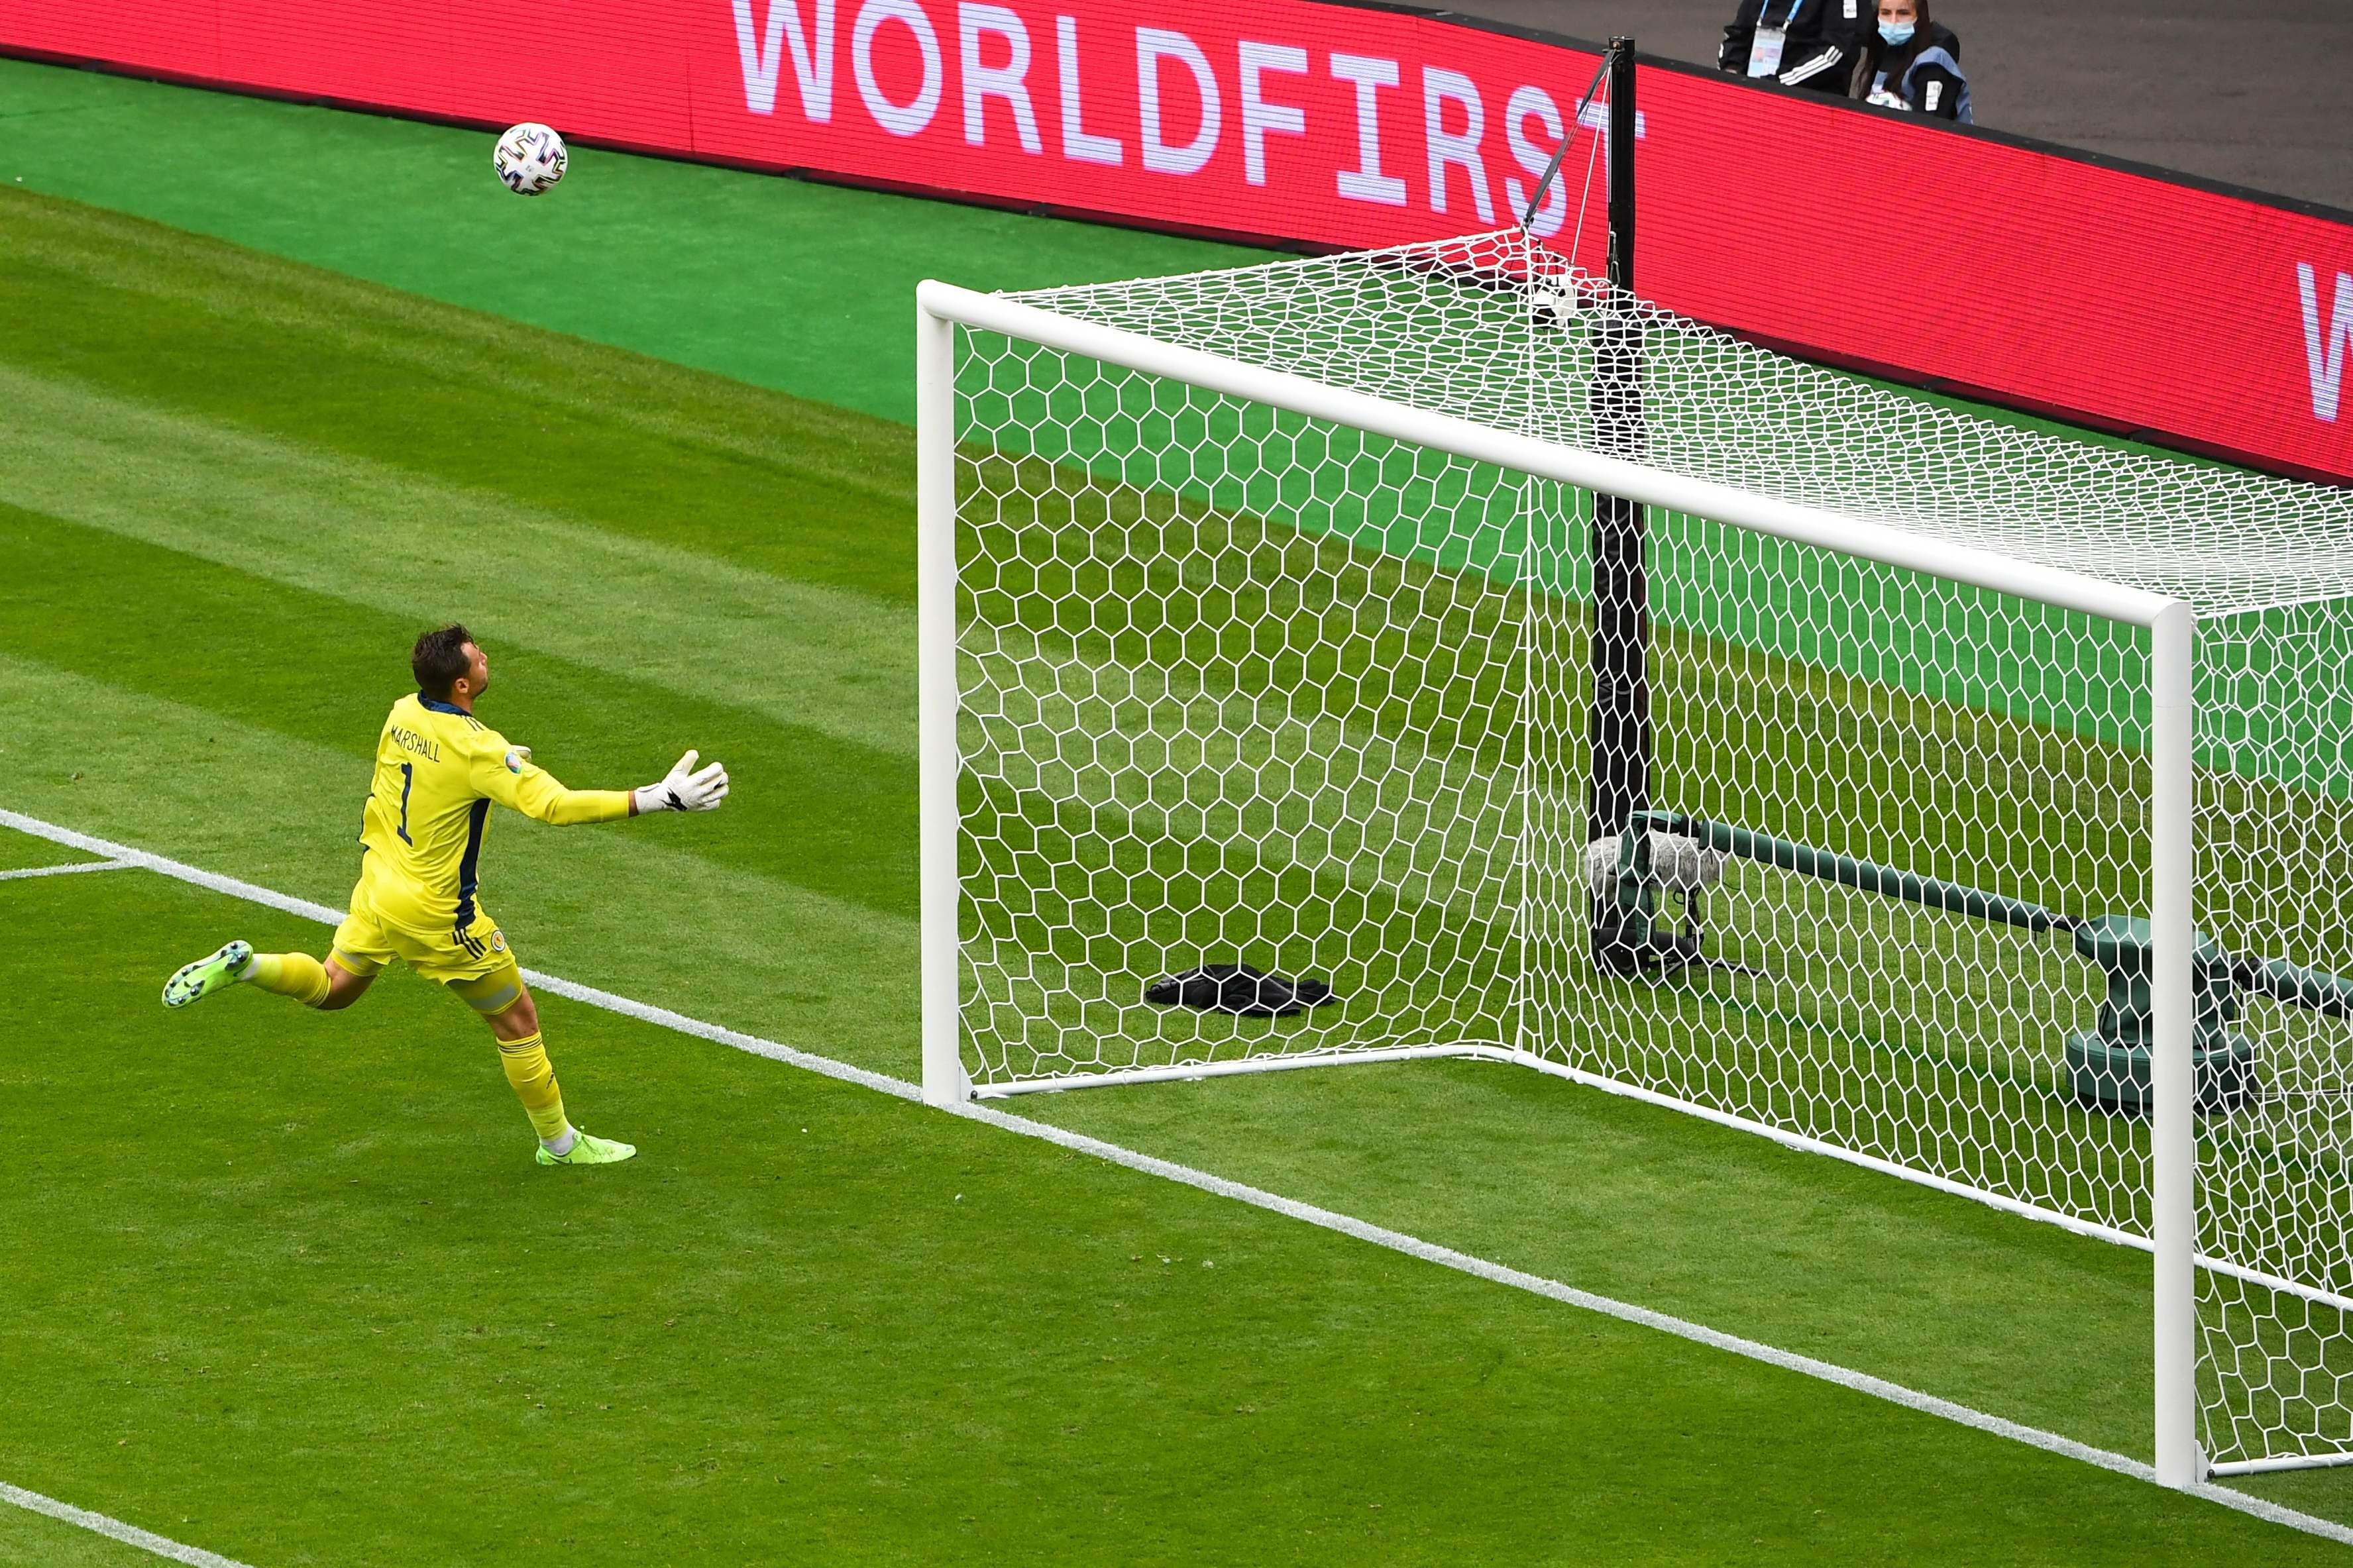 Euro 2020 : Un but venu d'ailleurs et une victoire tchèque face à l'Ecosse !